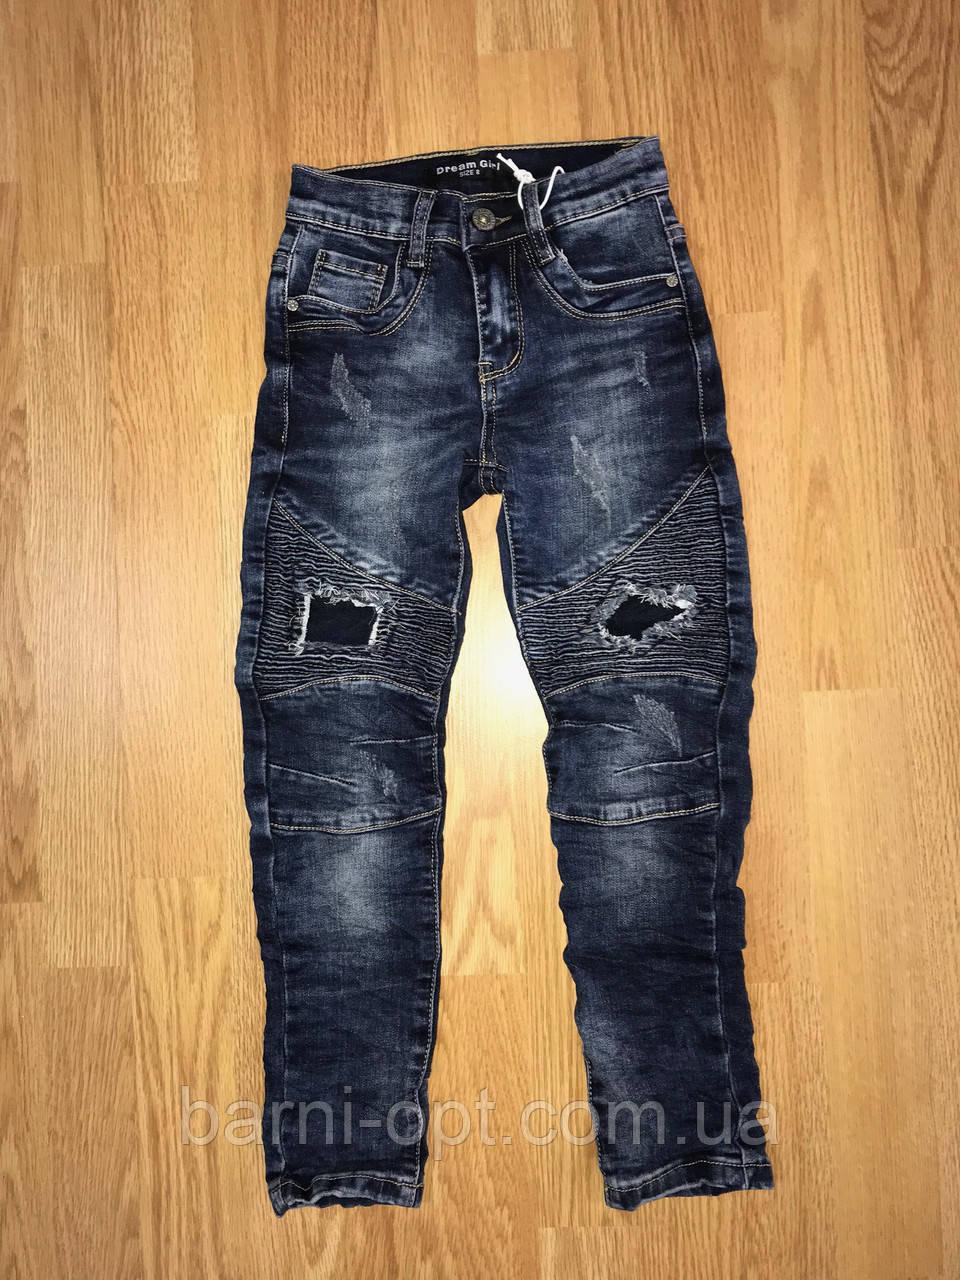 Джинсовые брюки для девочек оптом, Dream Girls , 8-16 рр.